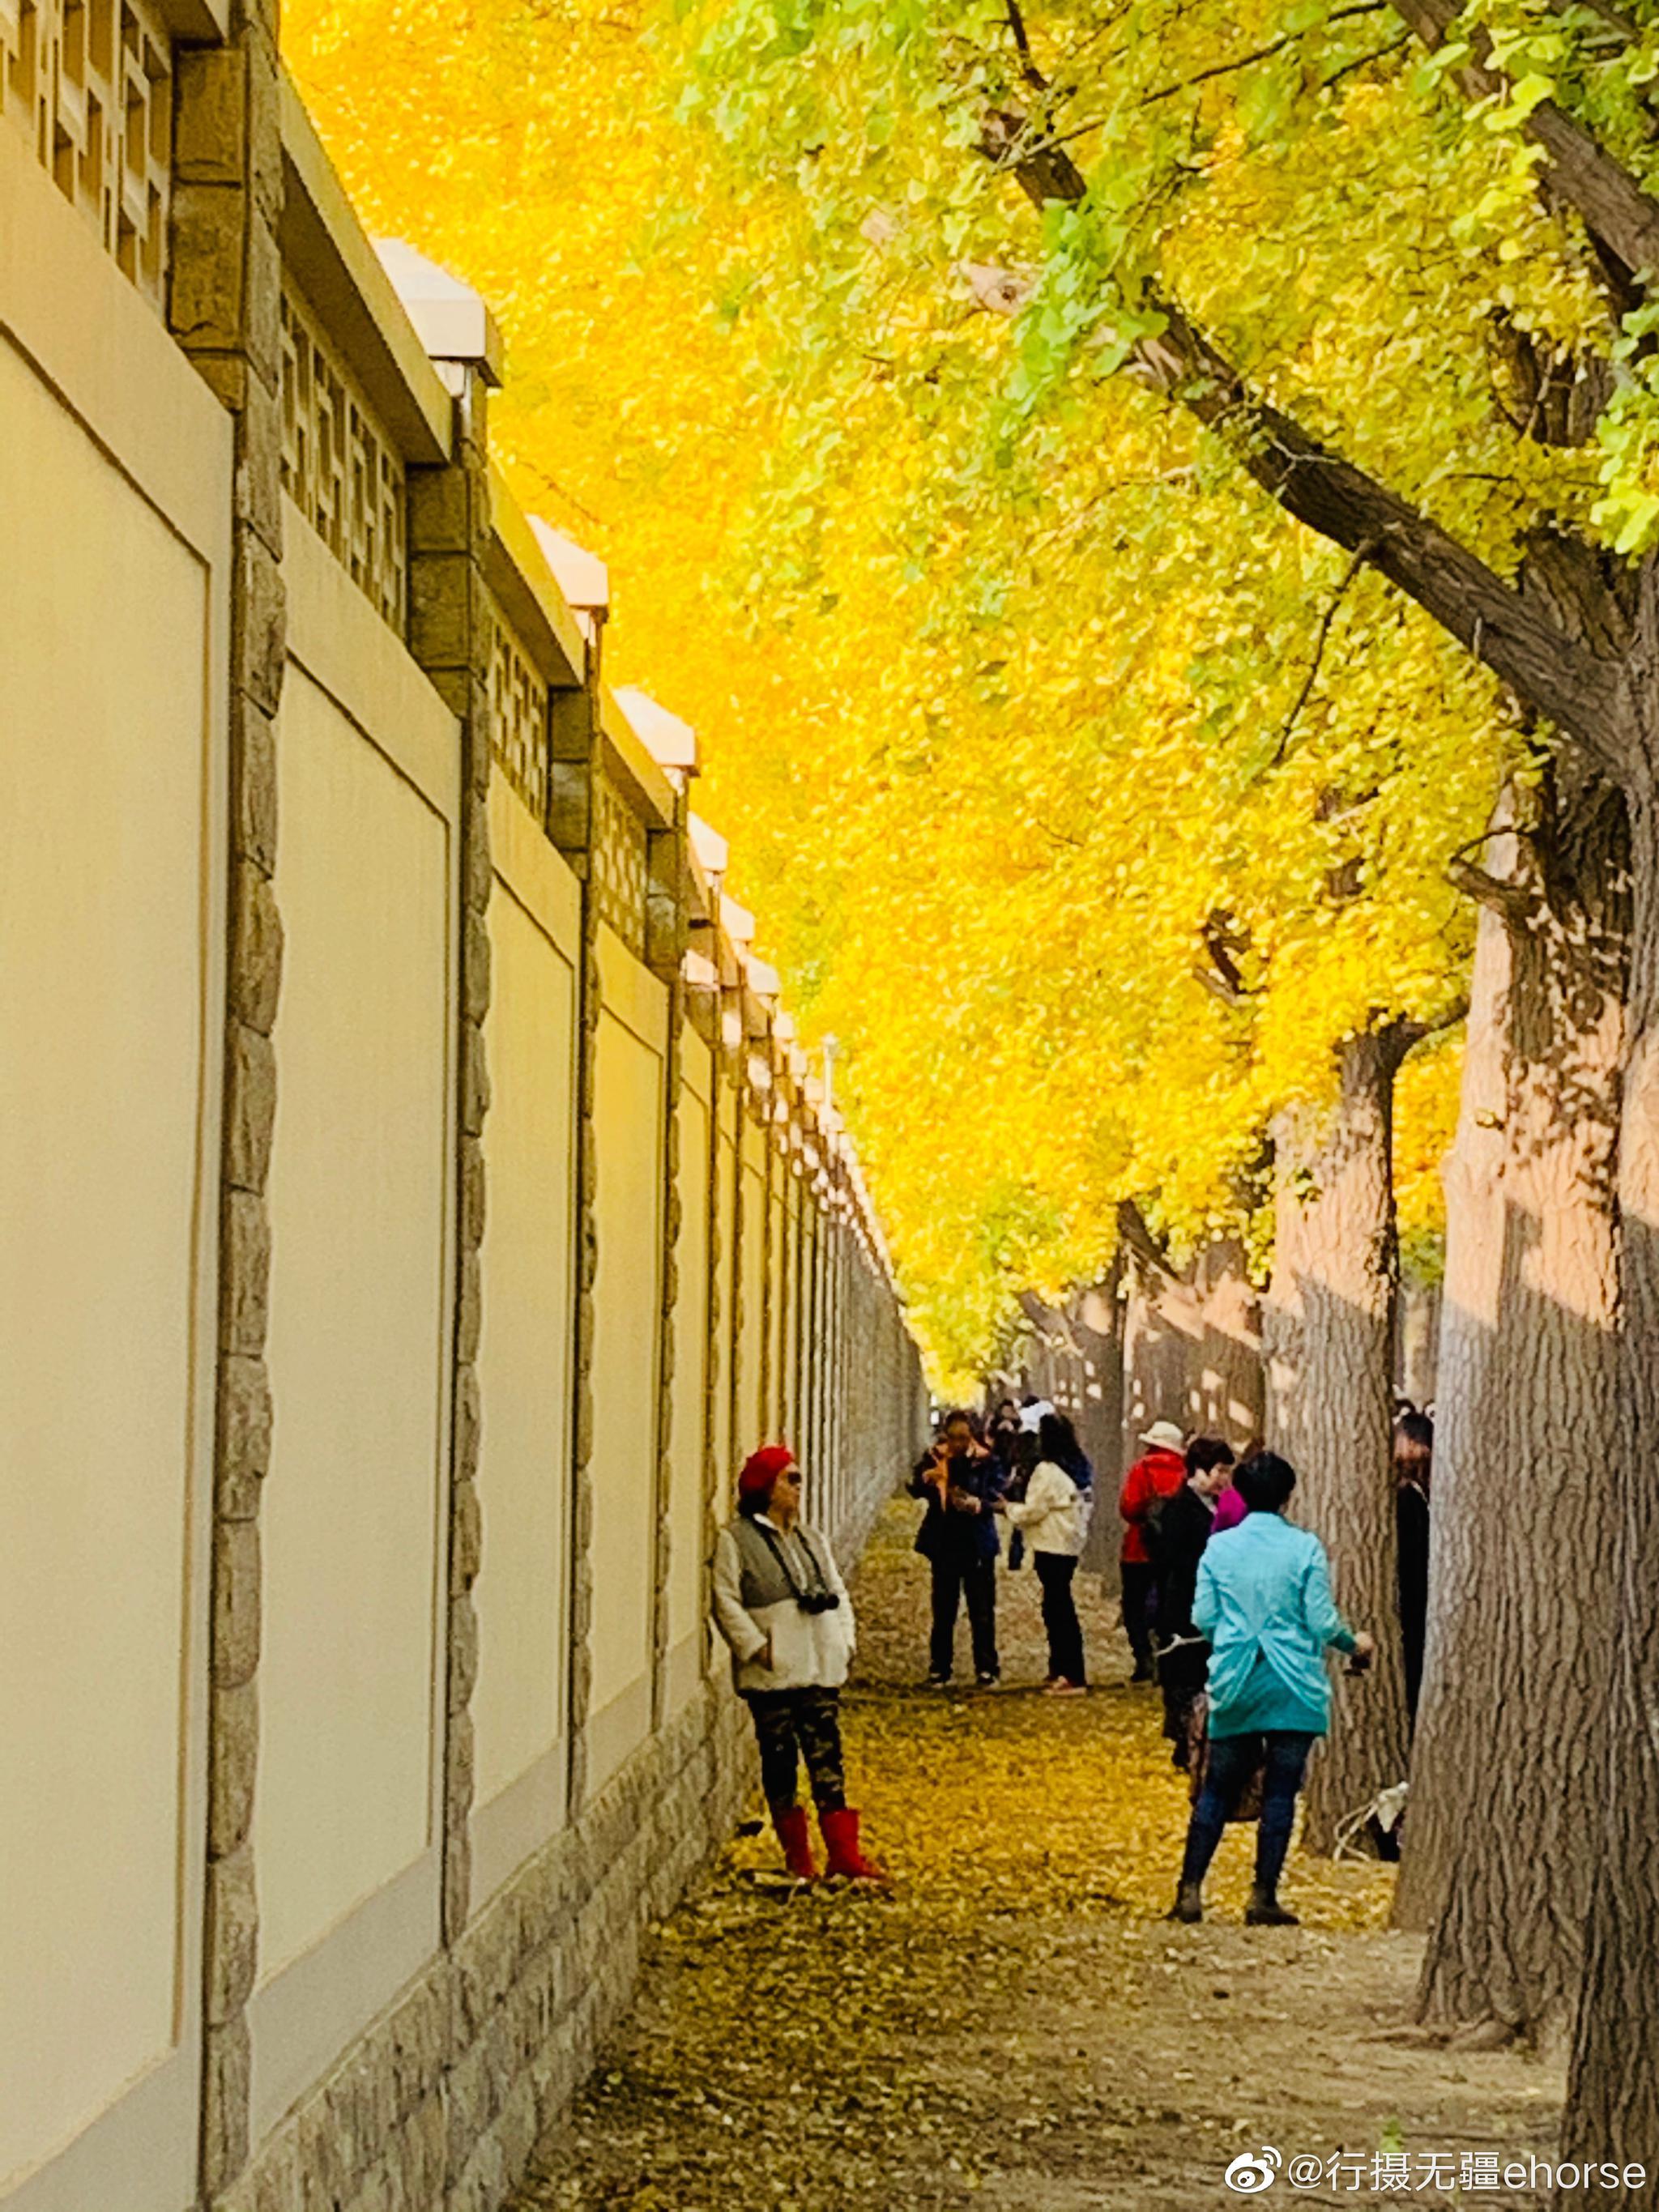 11月上旬,帝都北京色彩斑斓,迎来了最美最舒适的秋季